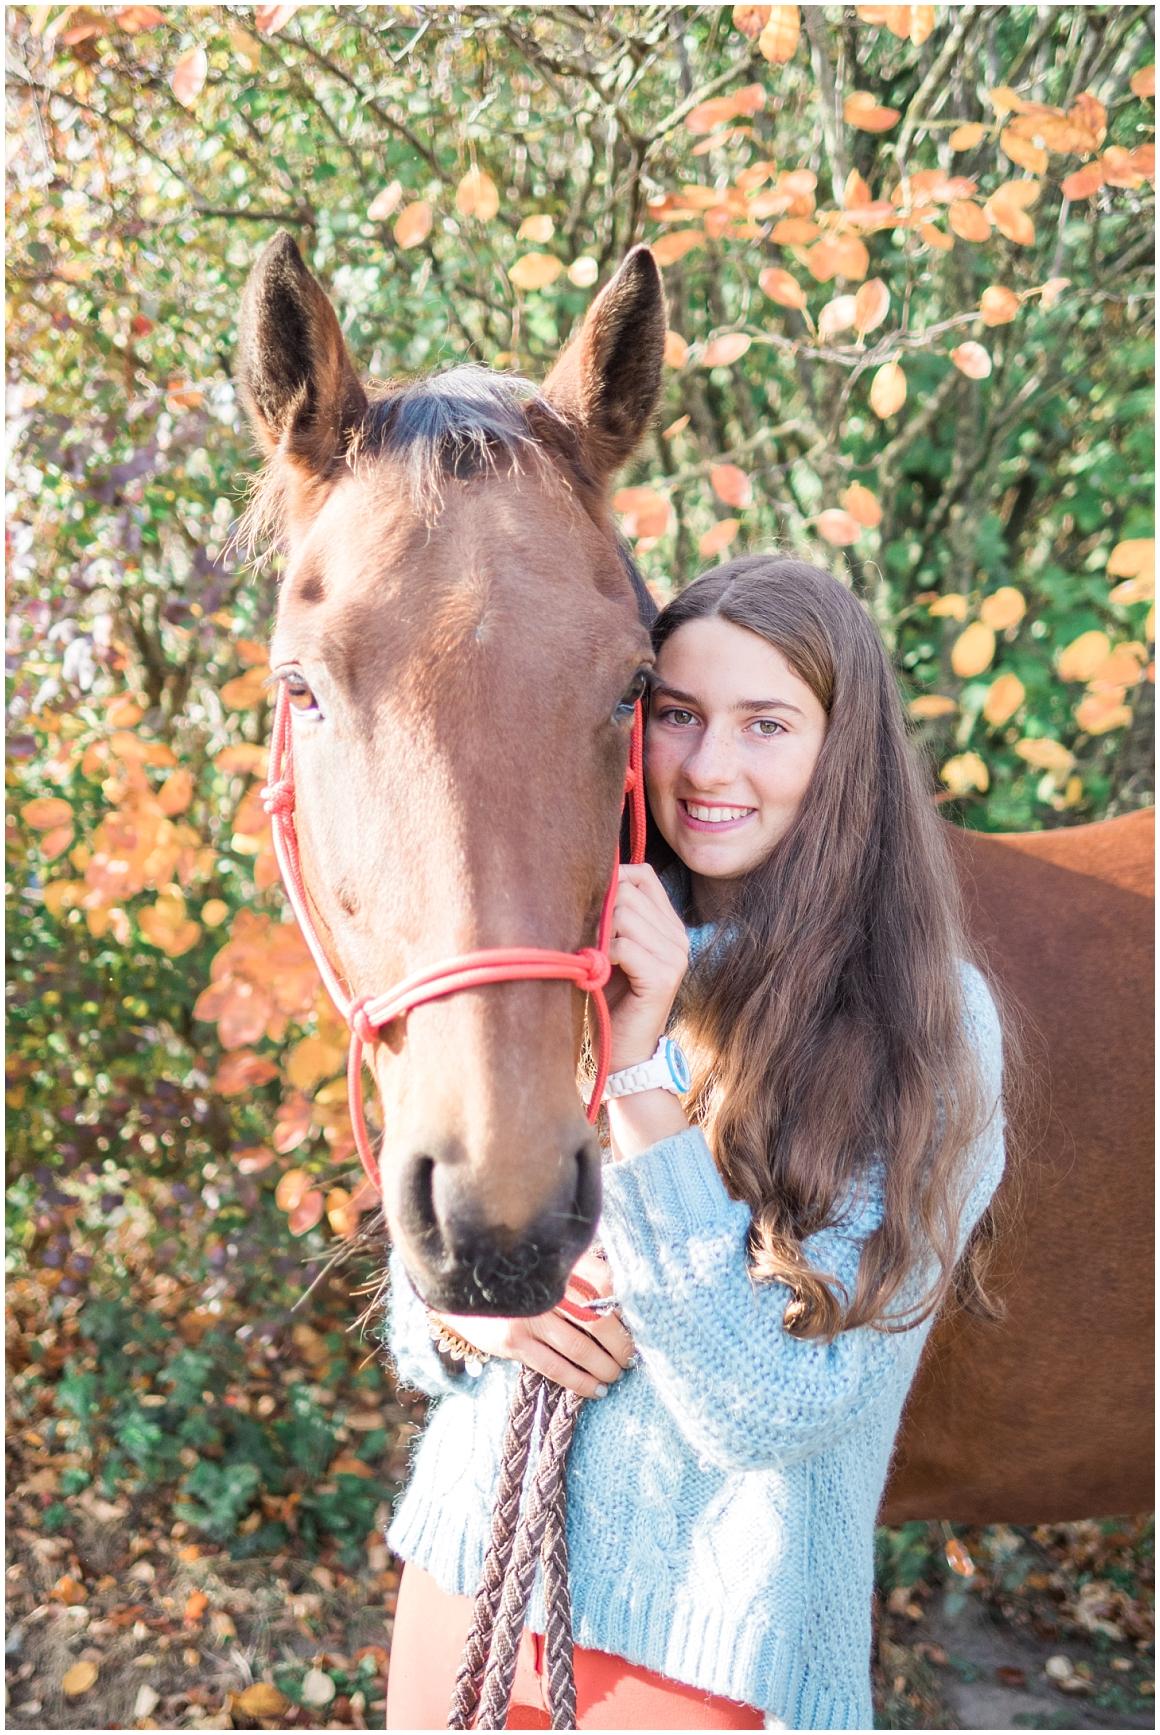 pferdefotograf-pferdeportrait-fotoshooting-mit-pferd-münchen-rosenheim-by-katrin-kind-photography_0001.jpg